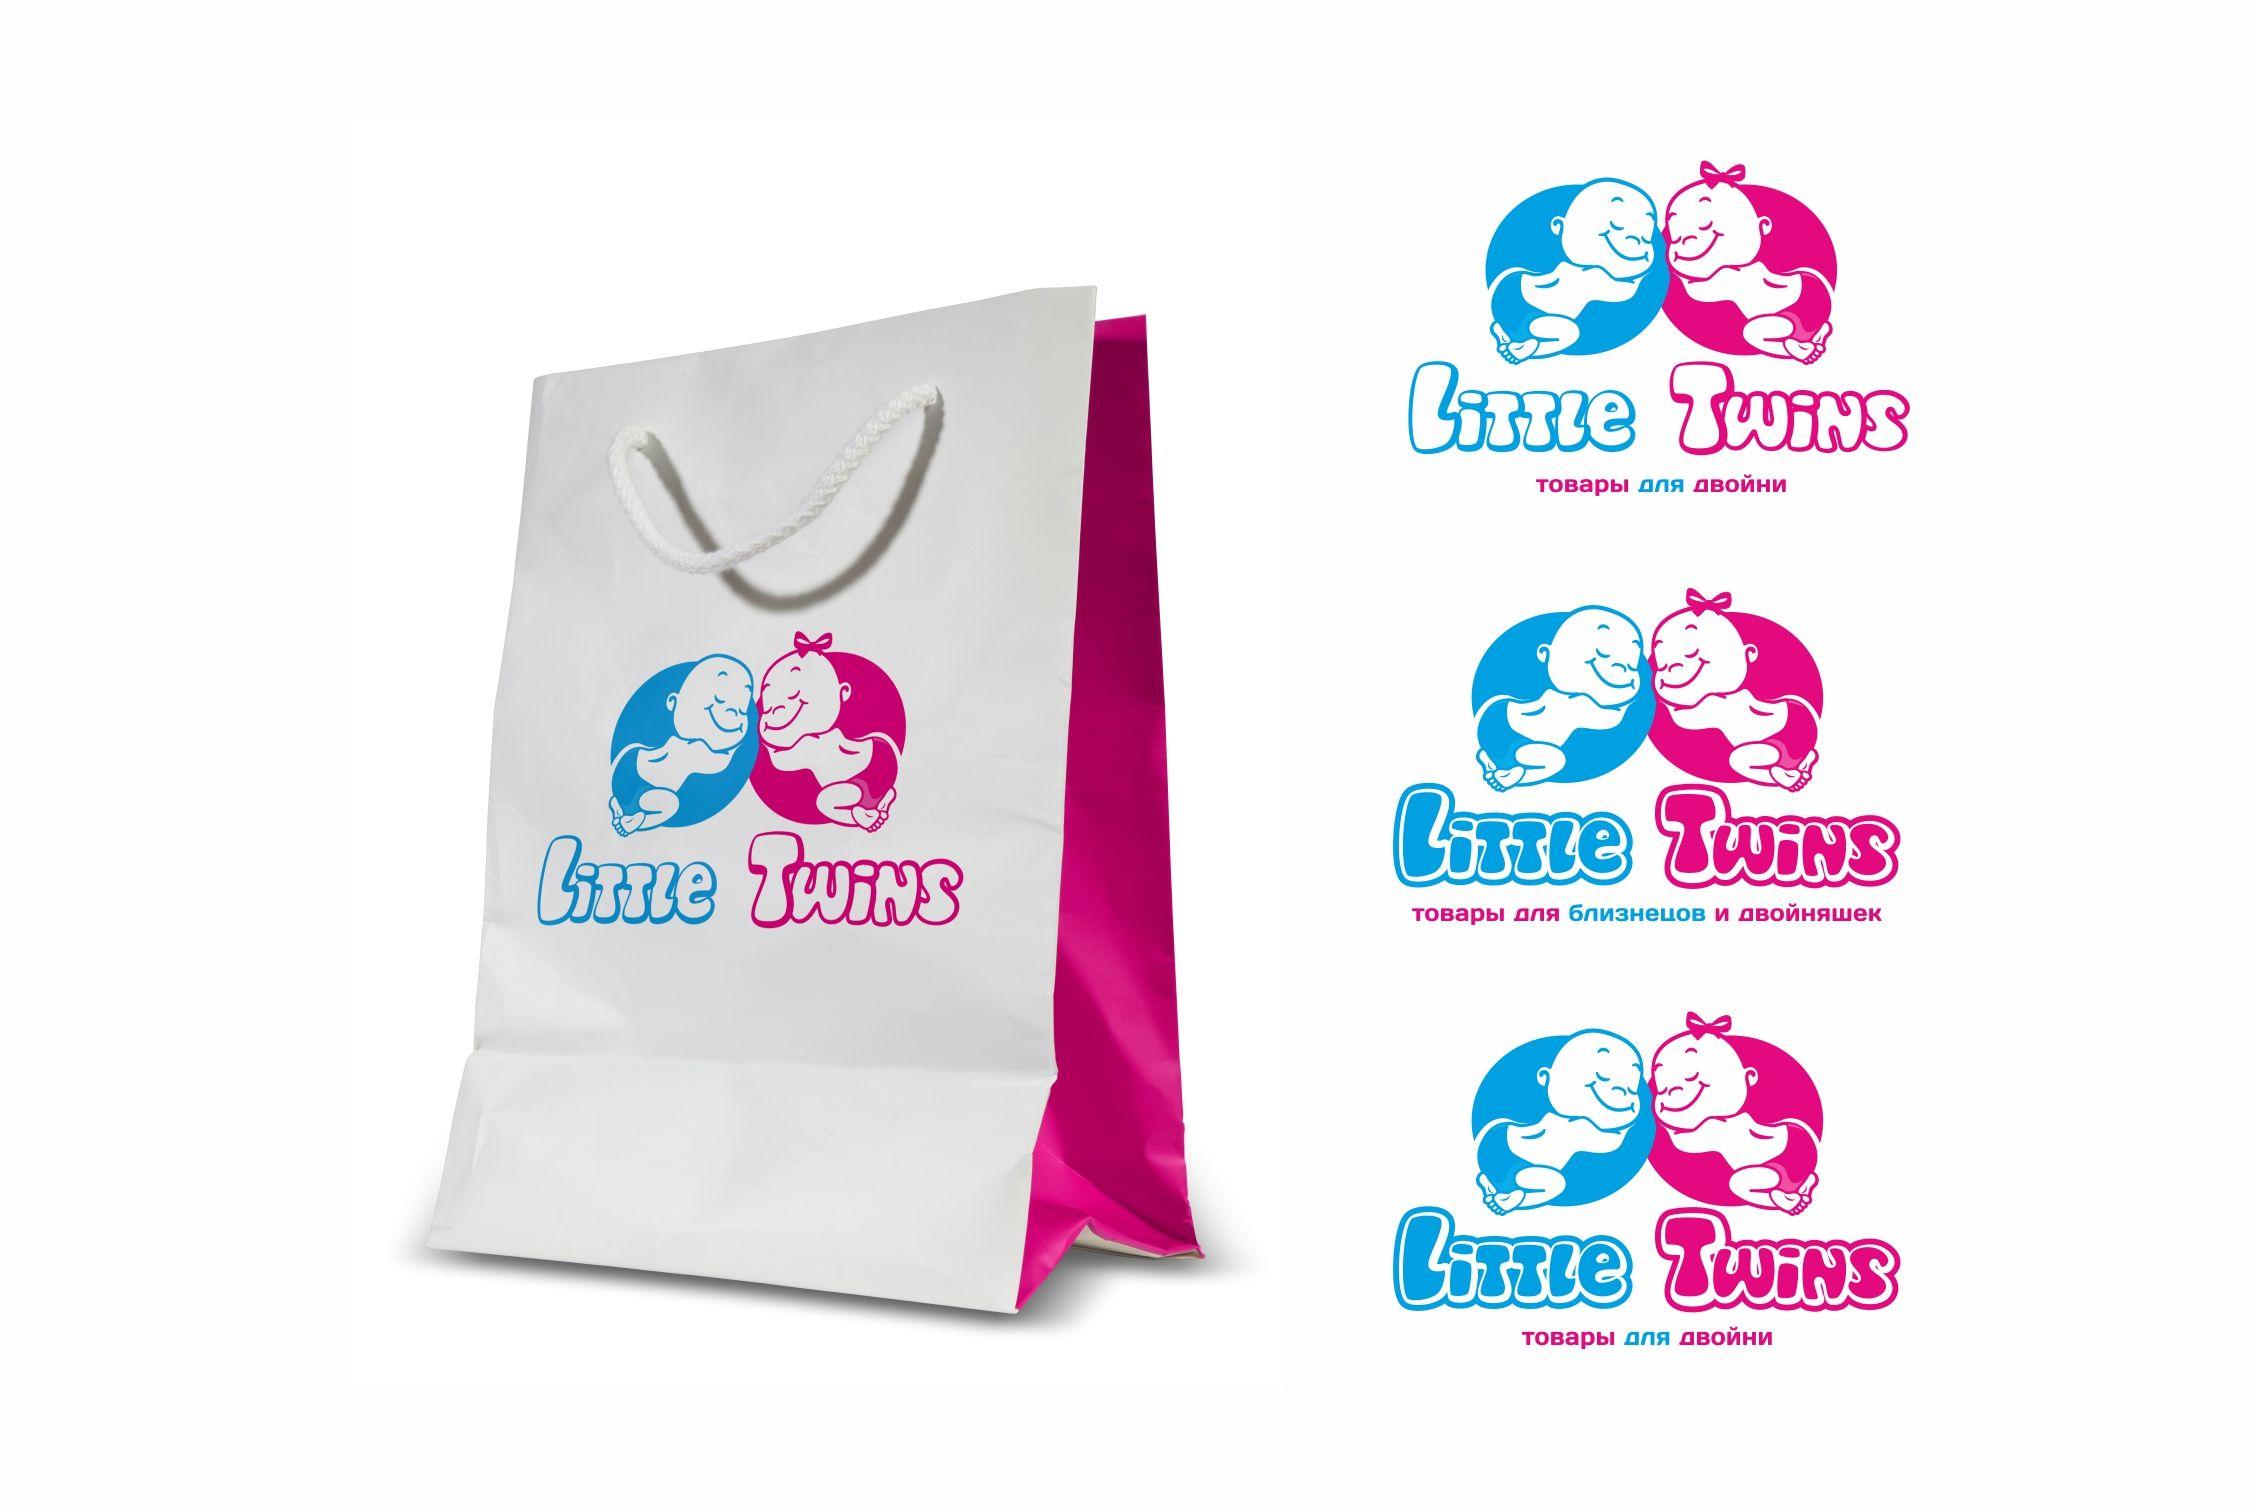 Логотип детского интернет-магазина для двойняшек - дизайнер GoldenHorse